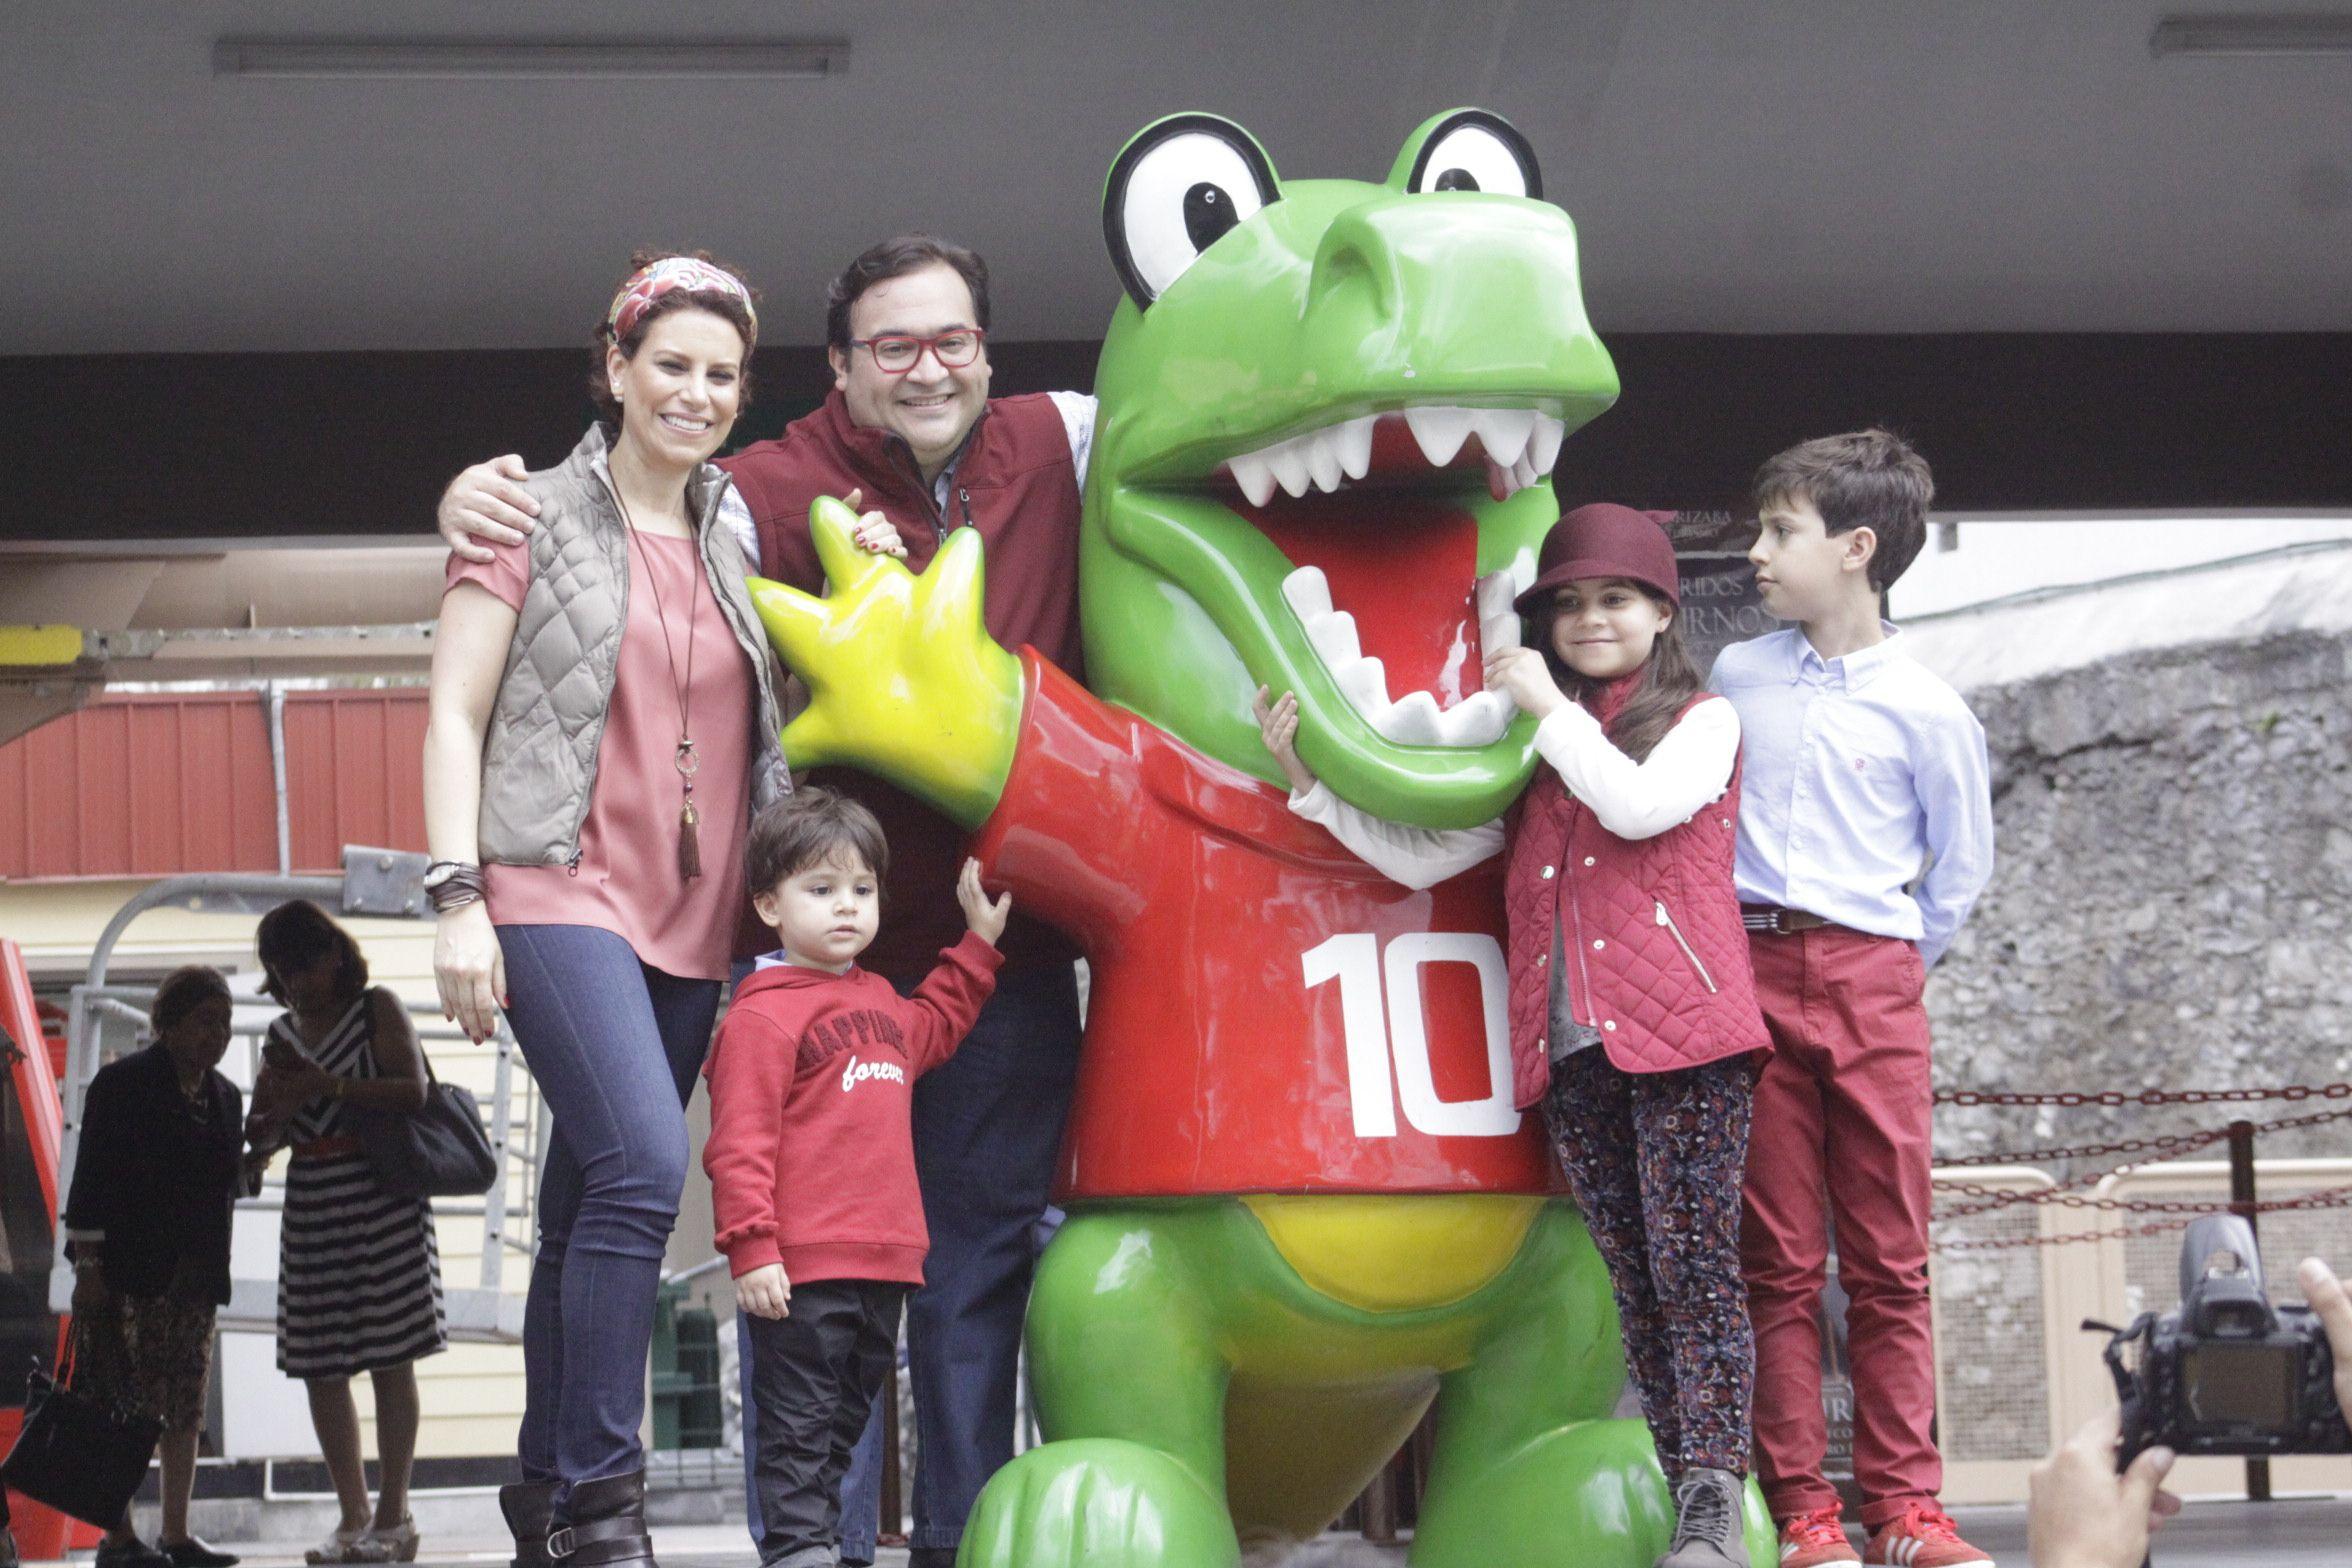 El Gobernador de Veracruz, Javier Duarte de Ochoa, acompañado por su esposa Karime Macías Tubilla, y sus hijos Javier, Carolina y Emilio, visitó la ciudad de Orizaba donde fueron grabados los spots correspondientes a su Quinto Informe de Gobierno.